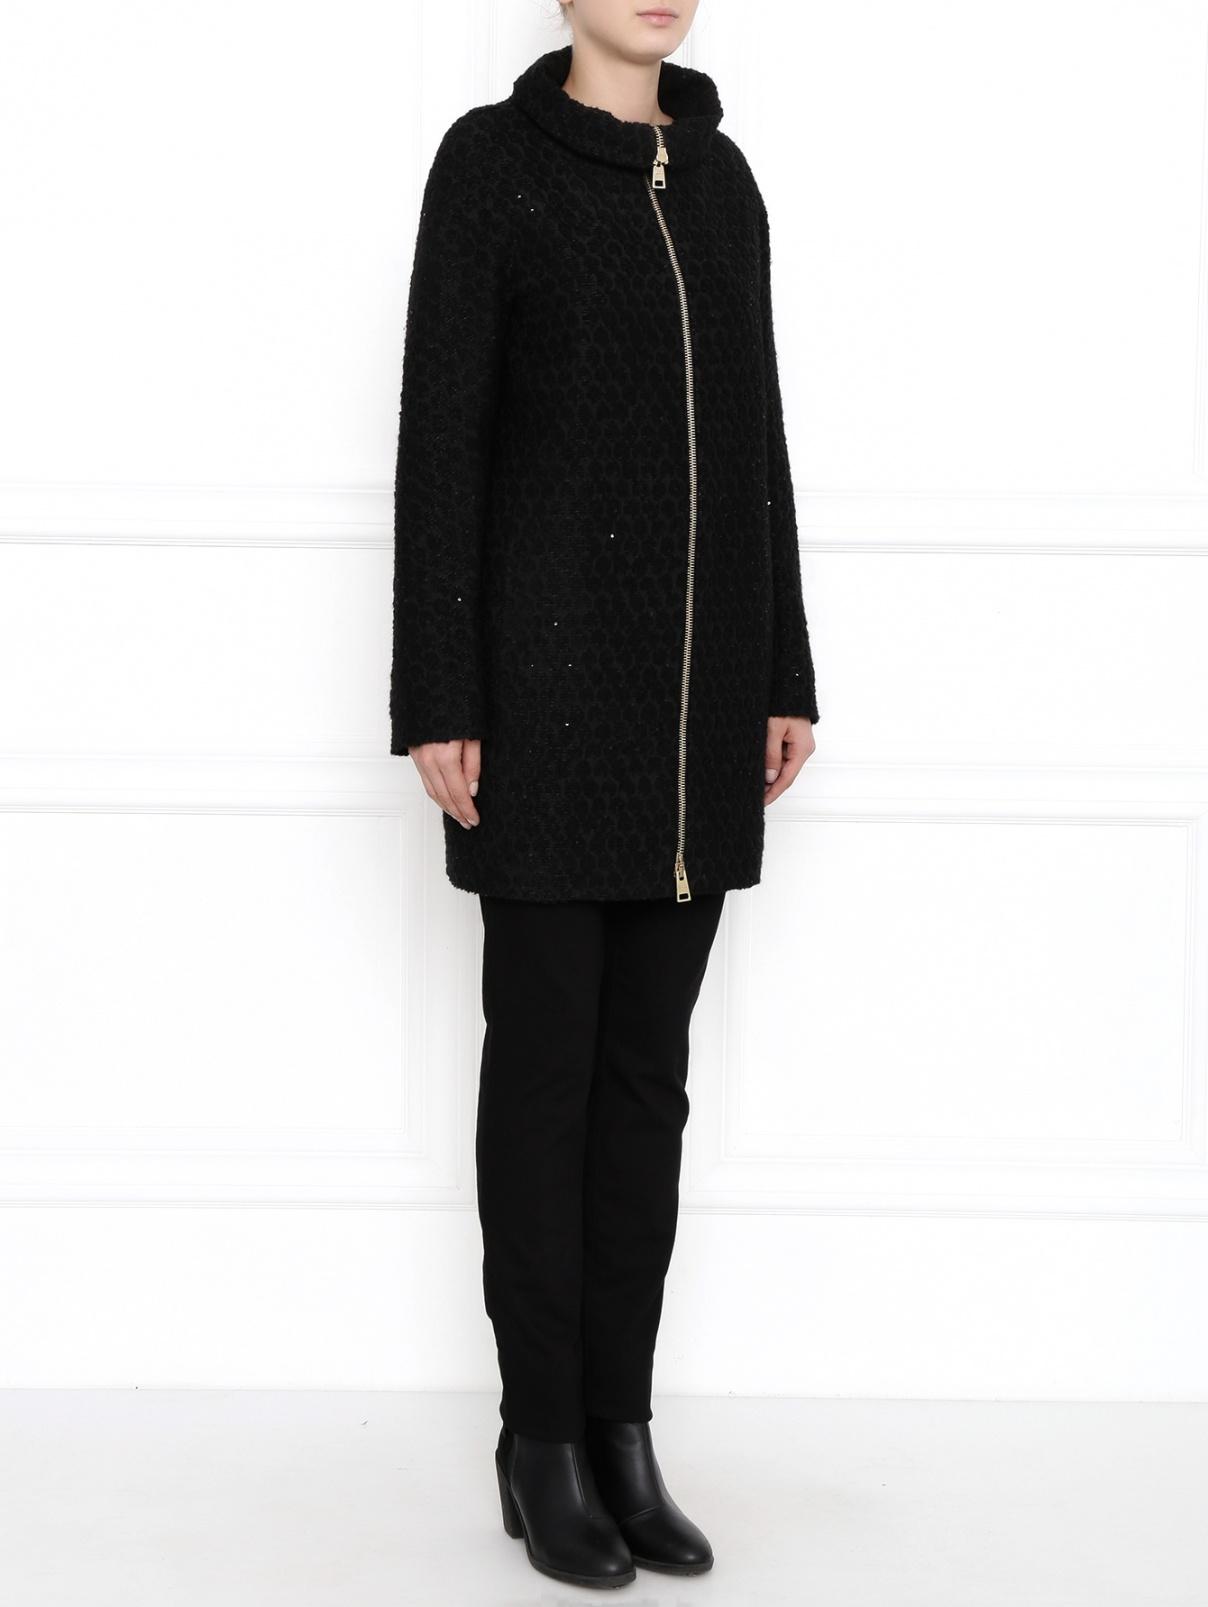 Пальто на молнии расшитое пайетками Herno  –  Модель Общий вид